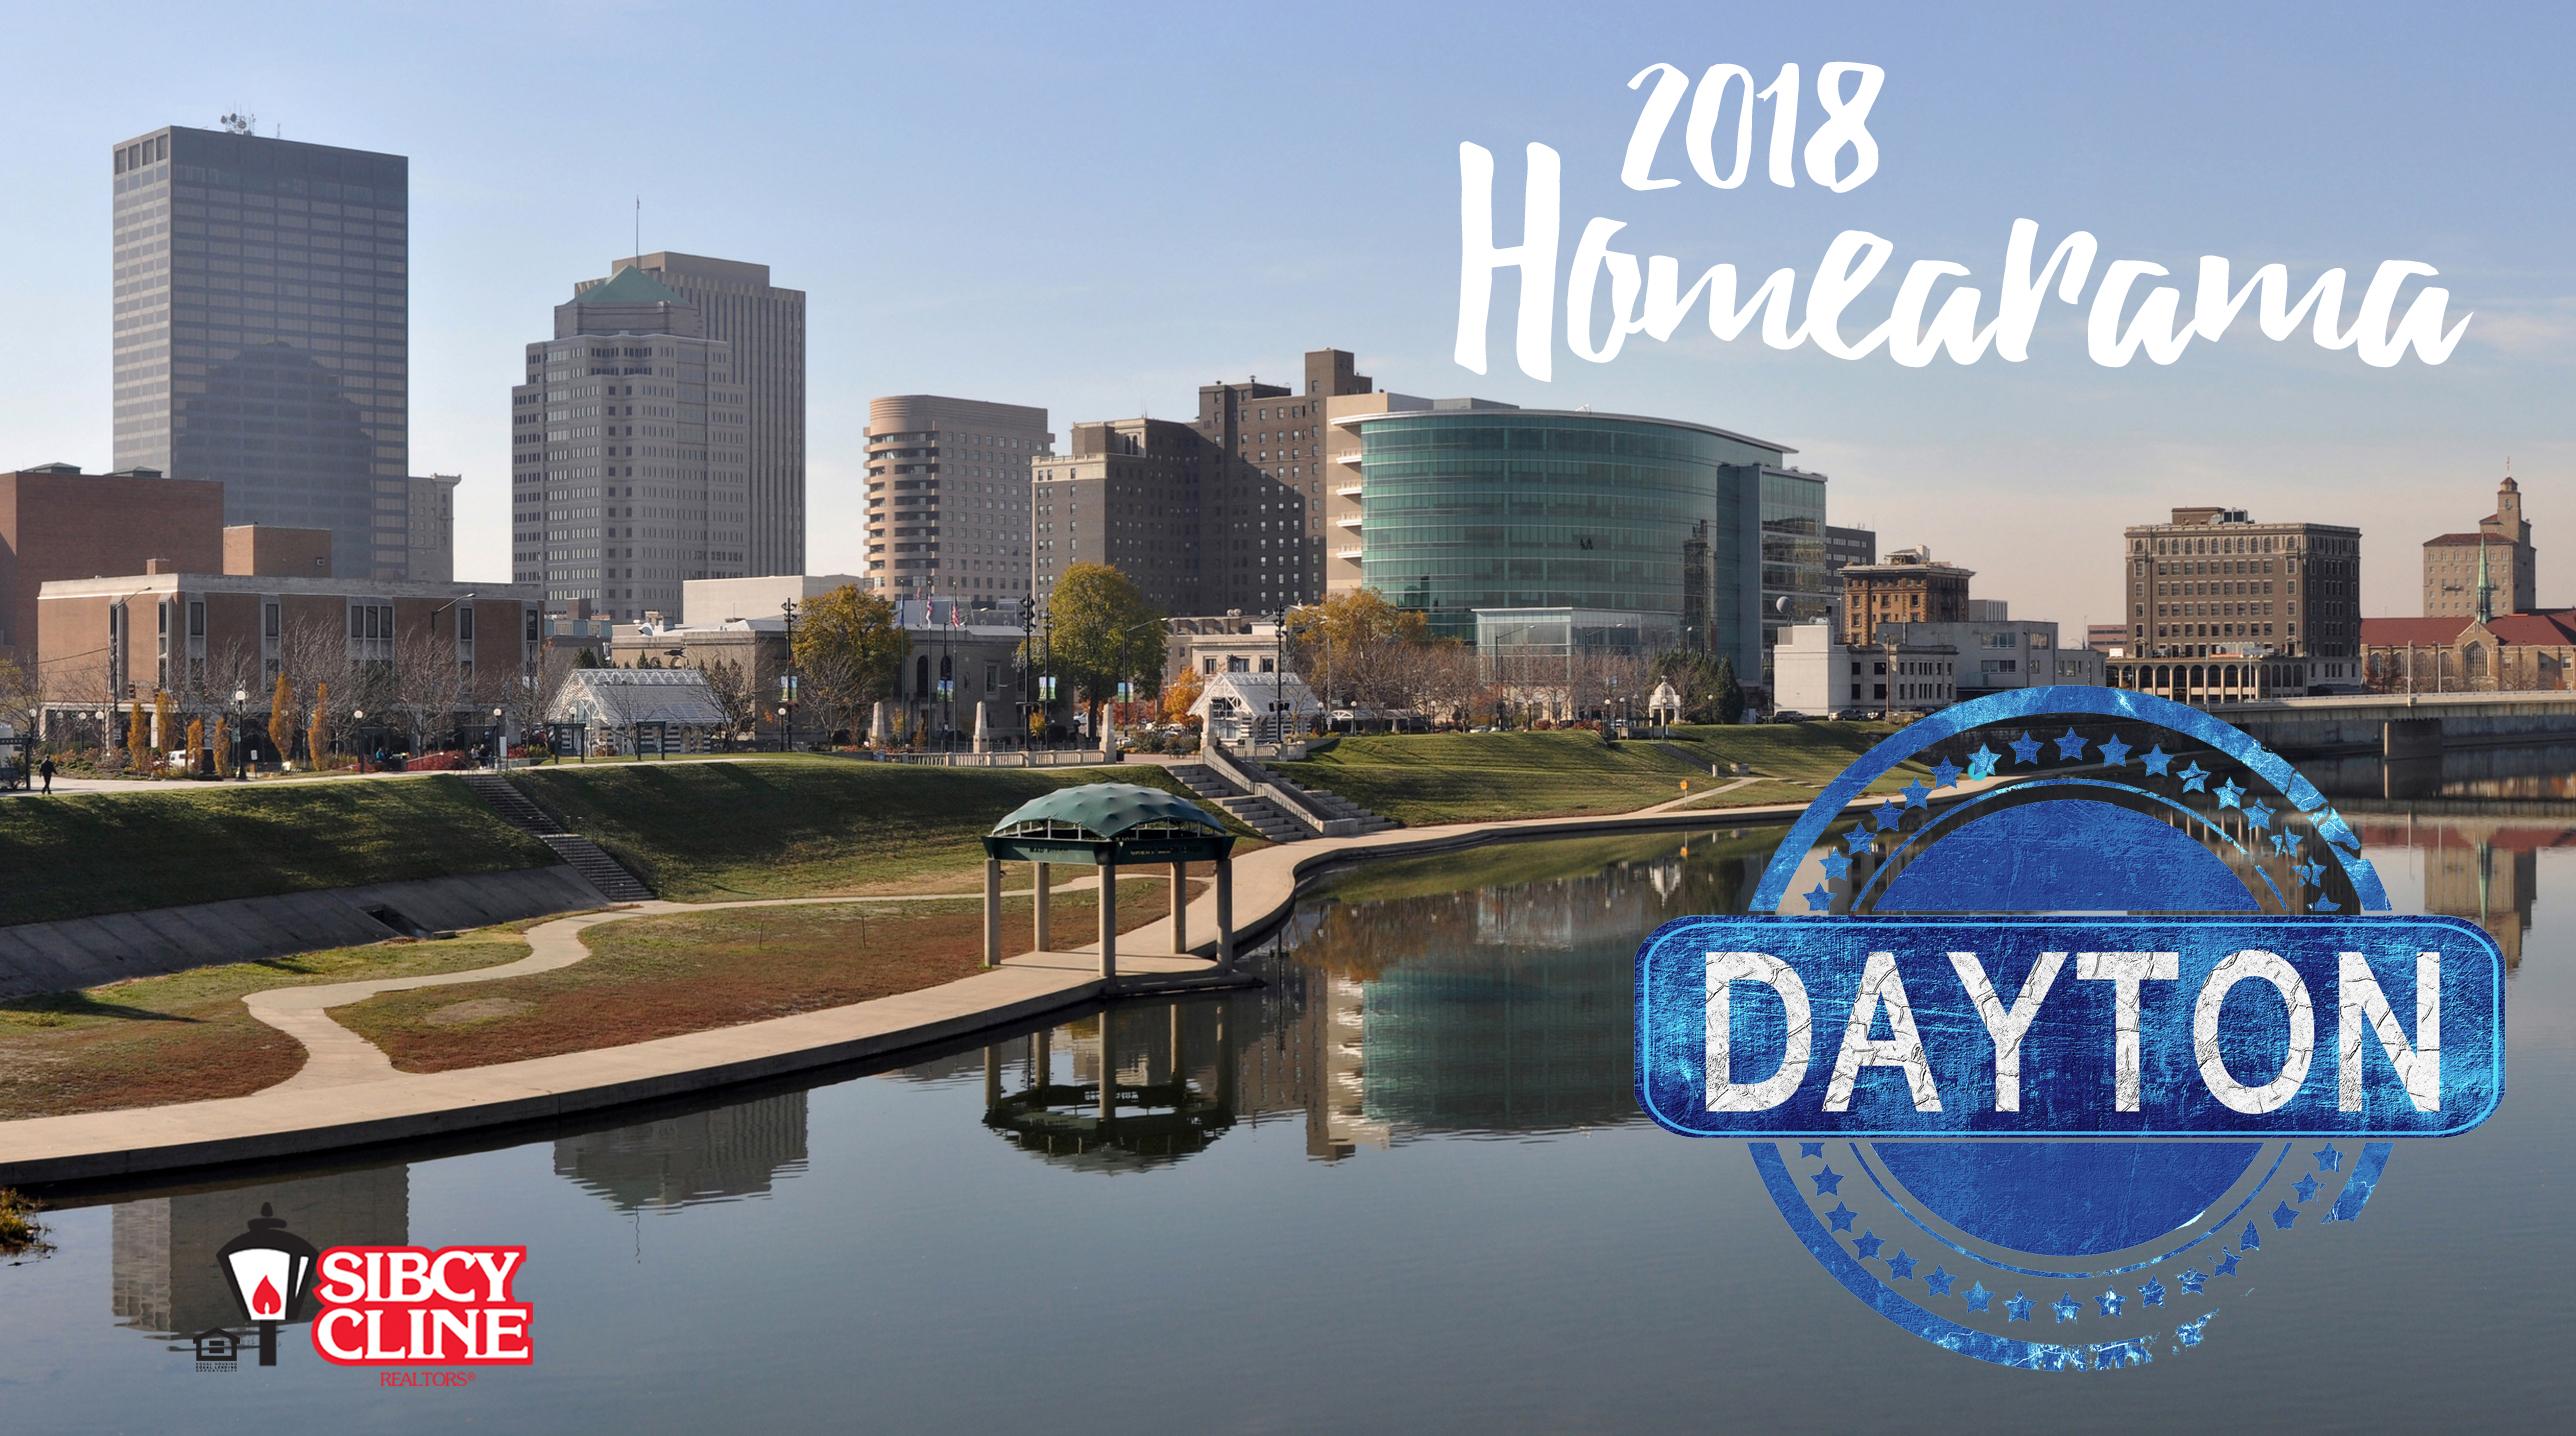 Dayton Ohio Homearama 2018